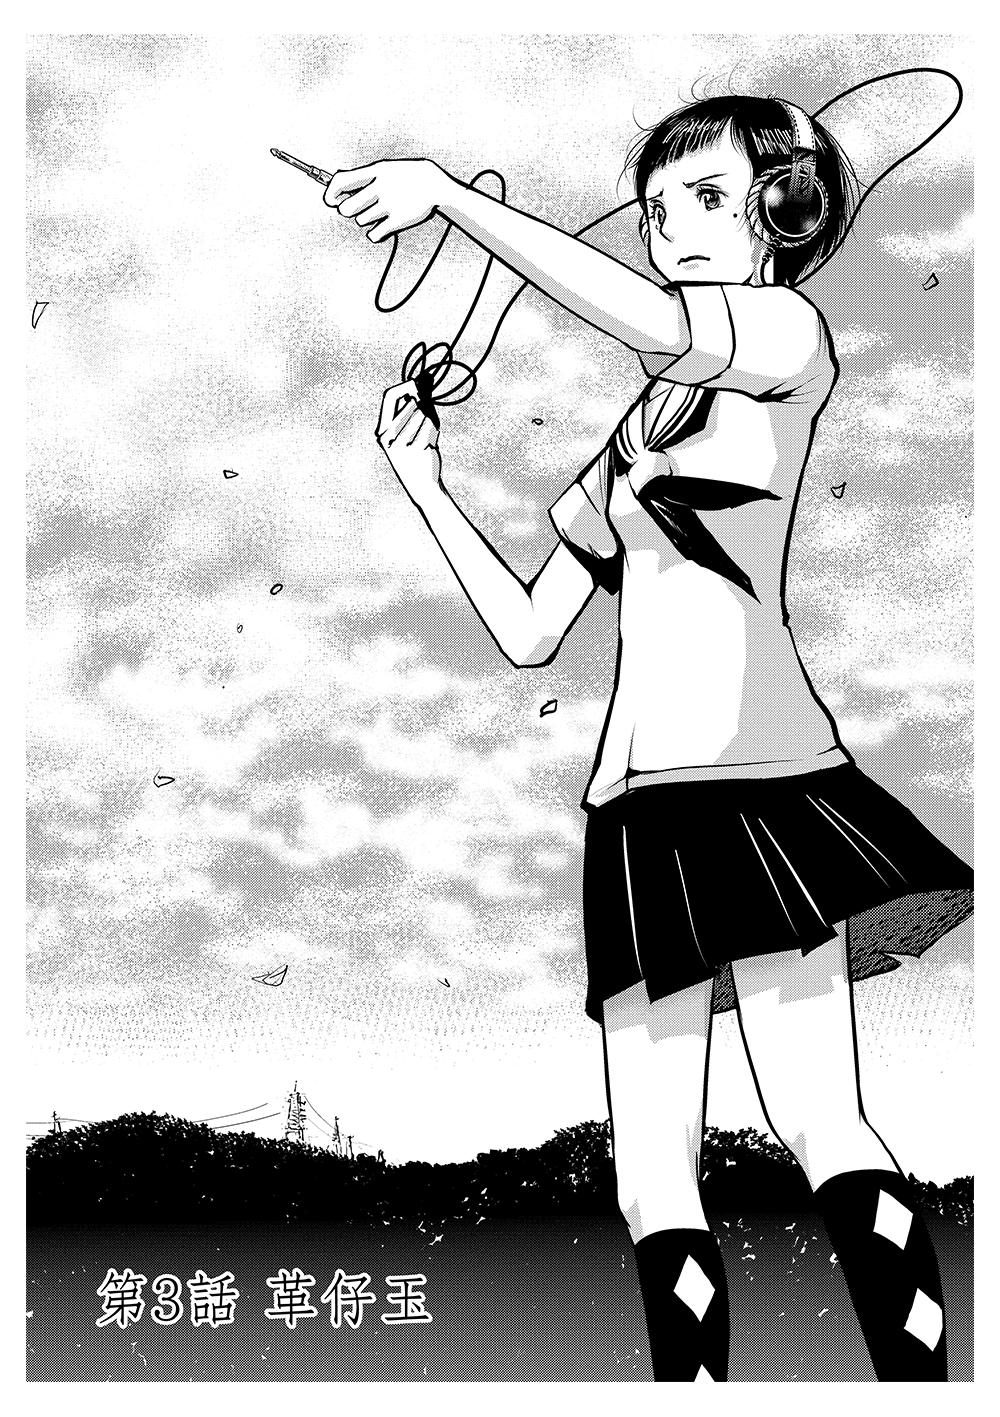 ことなかれ 第3話「革仔玉」①kotonakare01-01.jpg